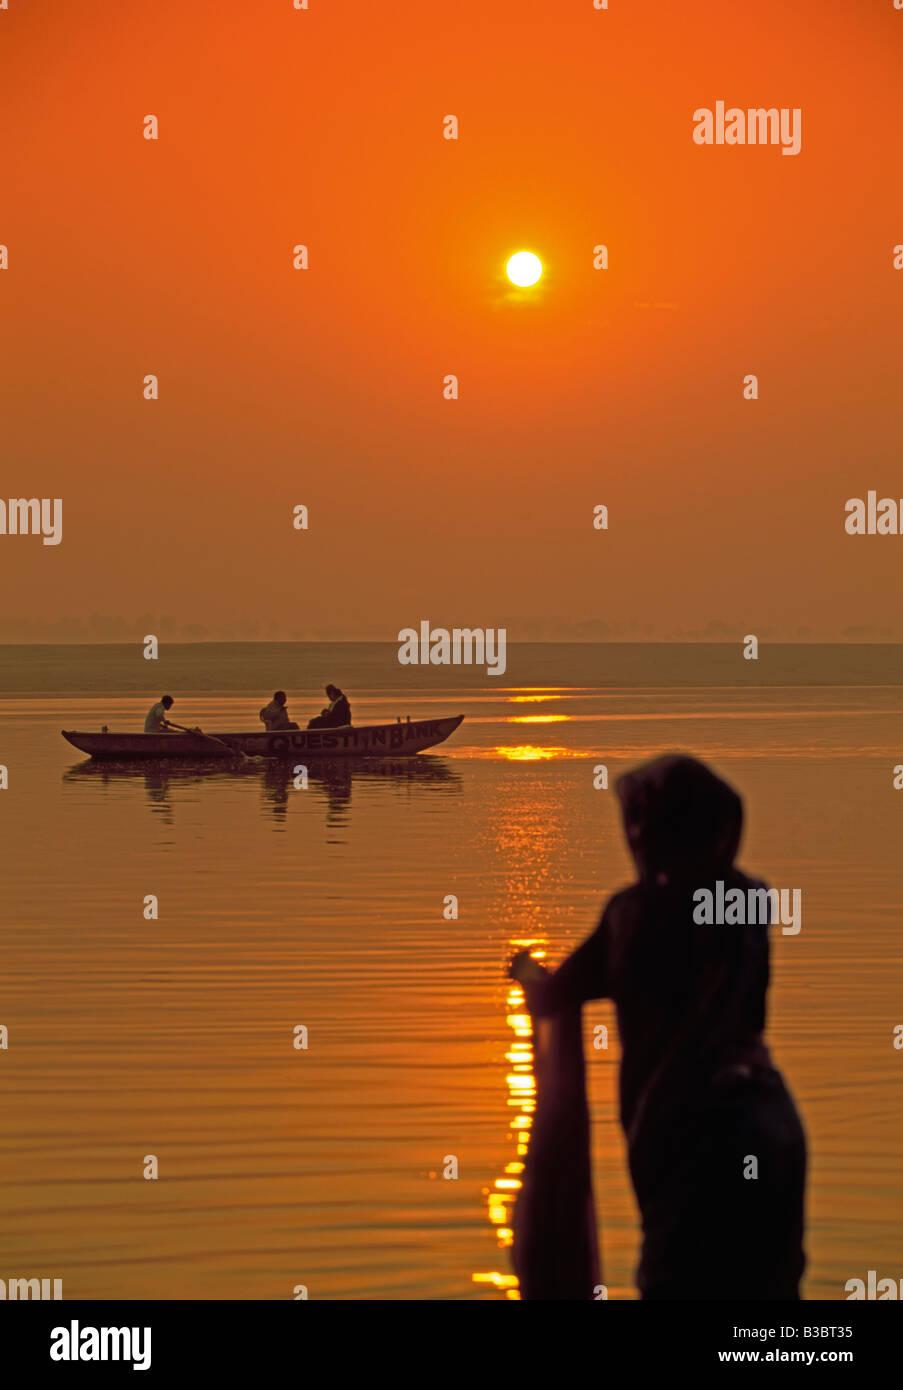 Mujer lavando ropa en el río santo Ganges (Ganga), Varanasi (Benares), estado de Uttar Pradesh, India, Asia Imagen De Stock